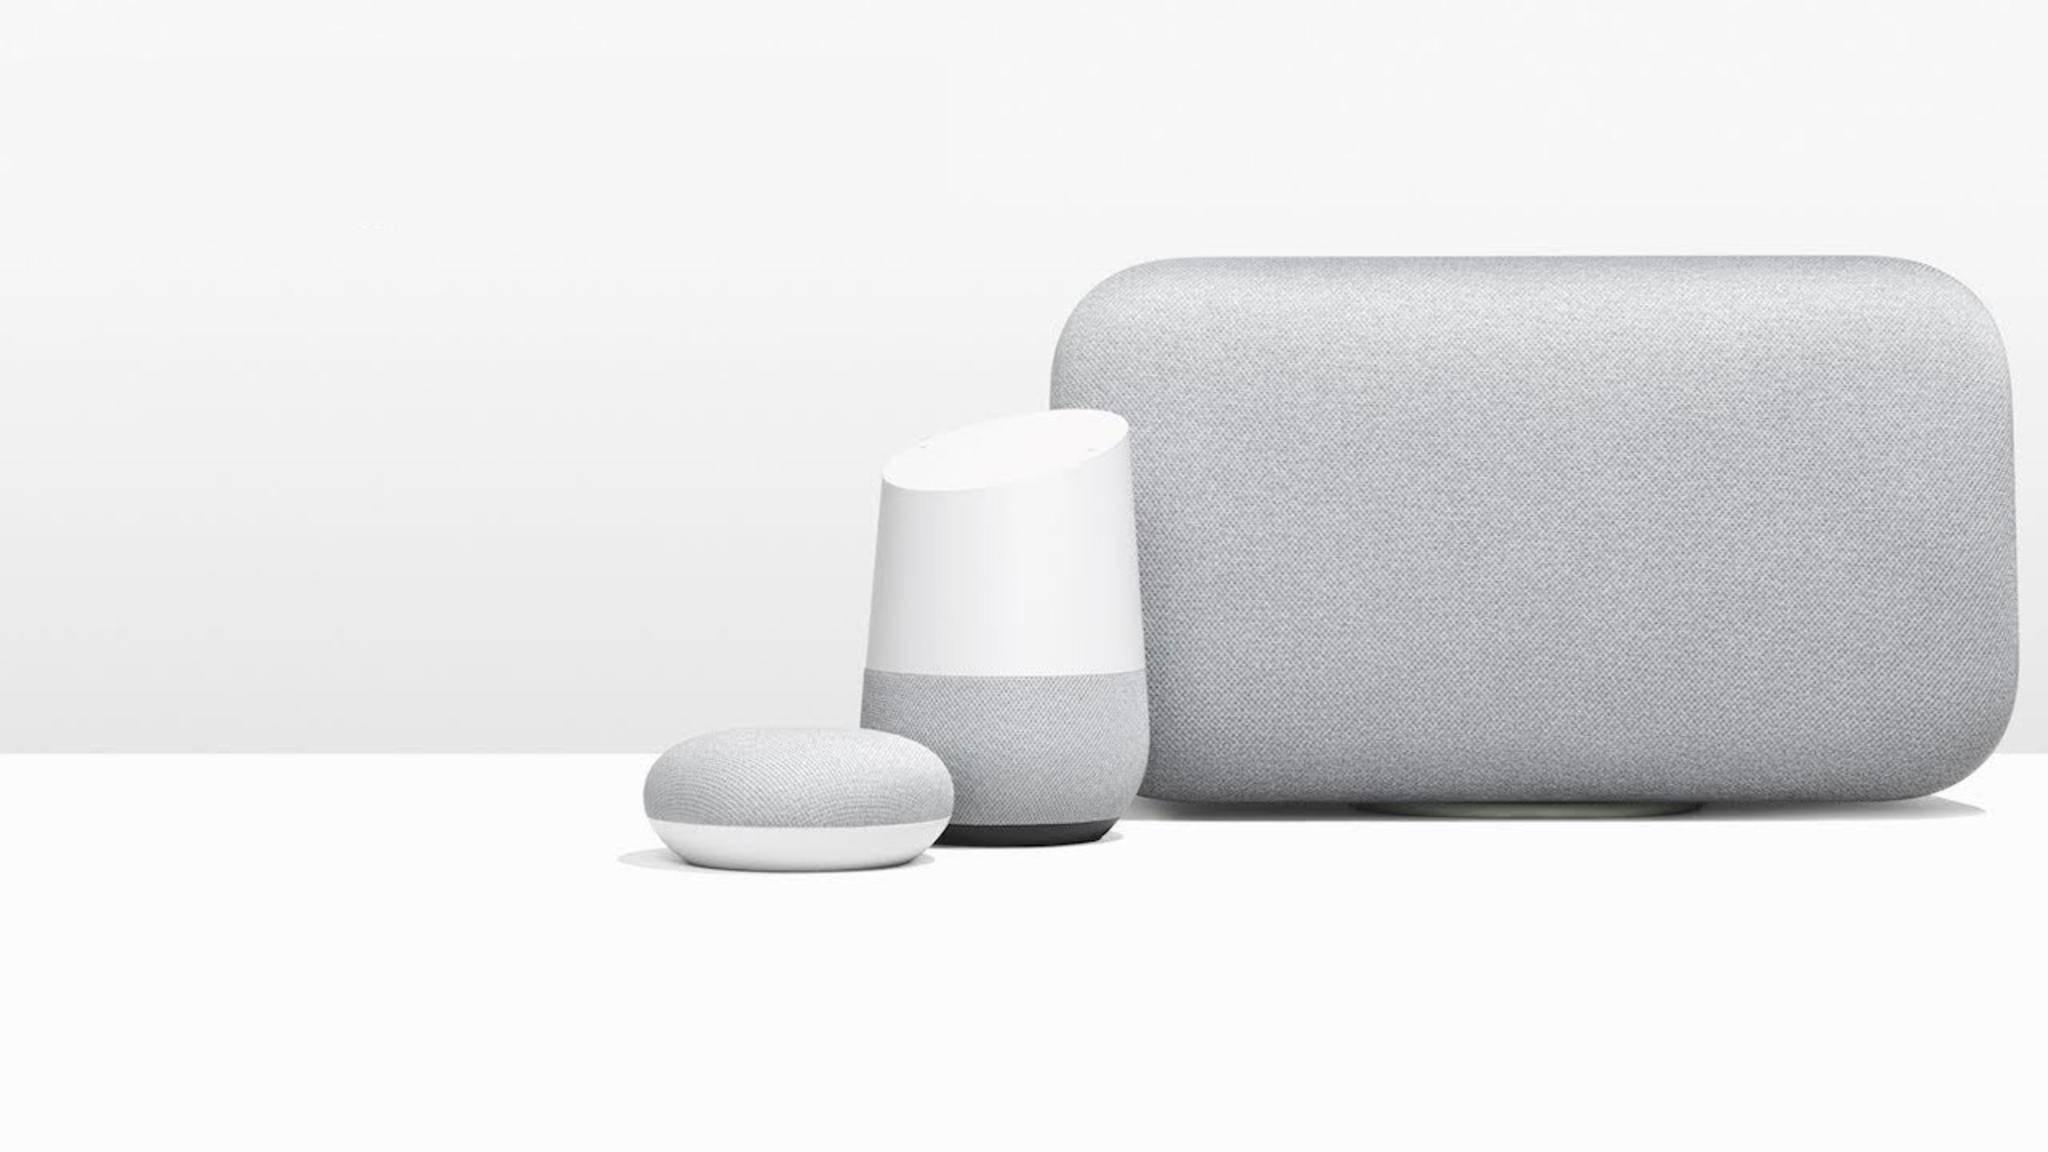 Der fehlende Bruder Google Home Max (rechts) kommt endlich auch nach Deutschland.